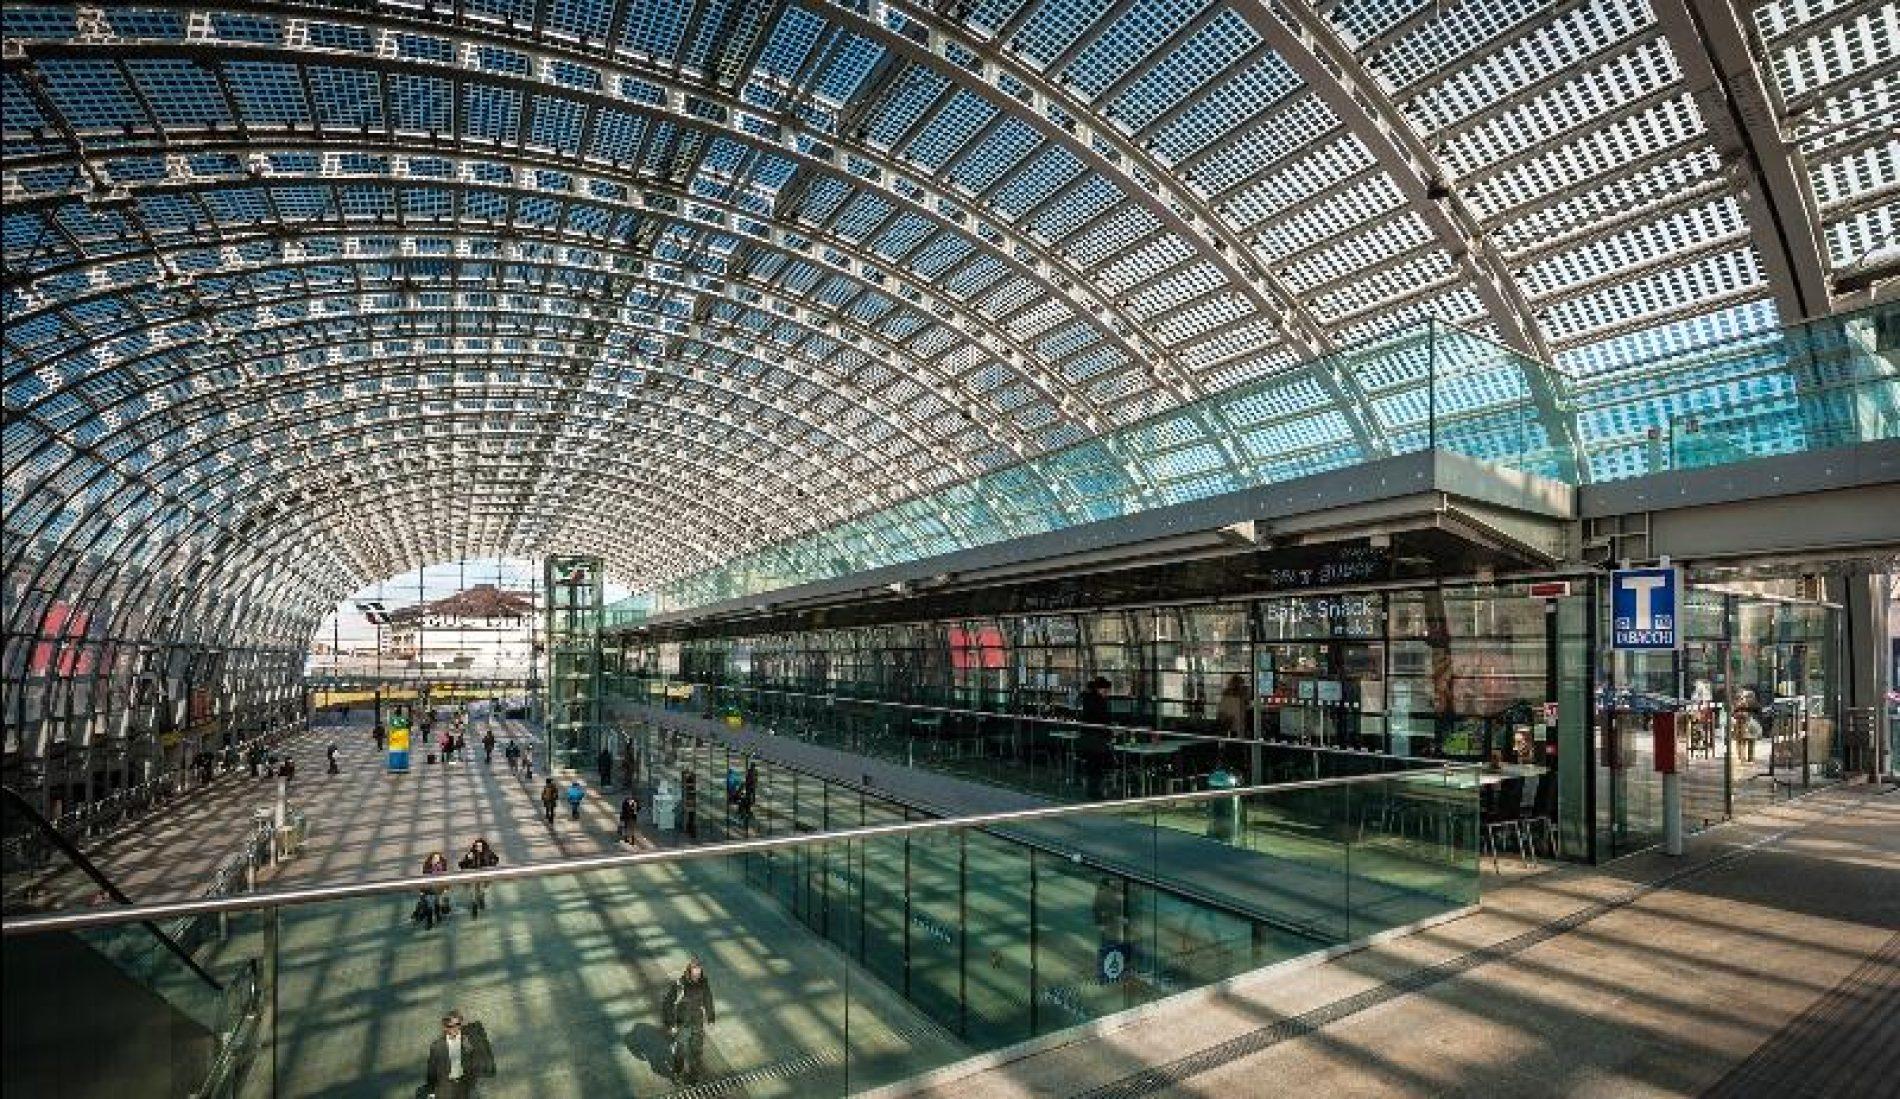 Metalne konstrukcije iz naše zemlje ugrađene u najljepše objekte u Italiji, Francuskoj, Danskoj